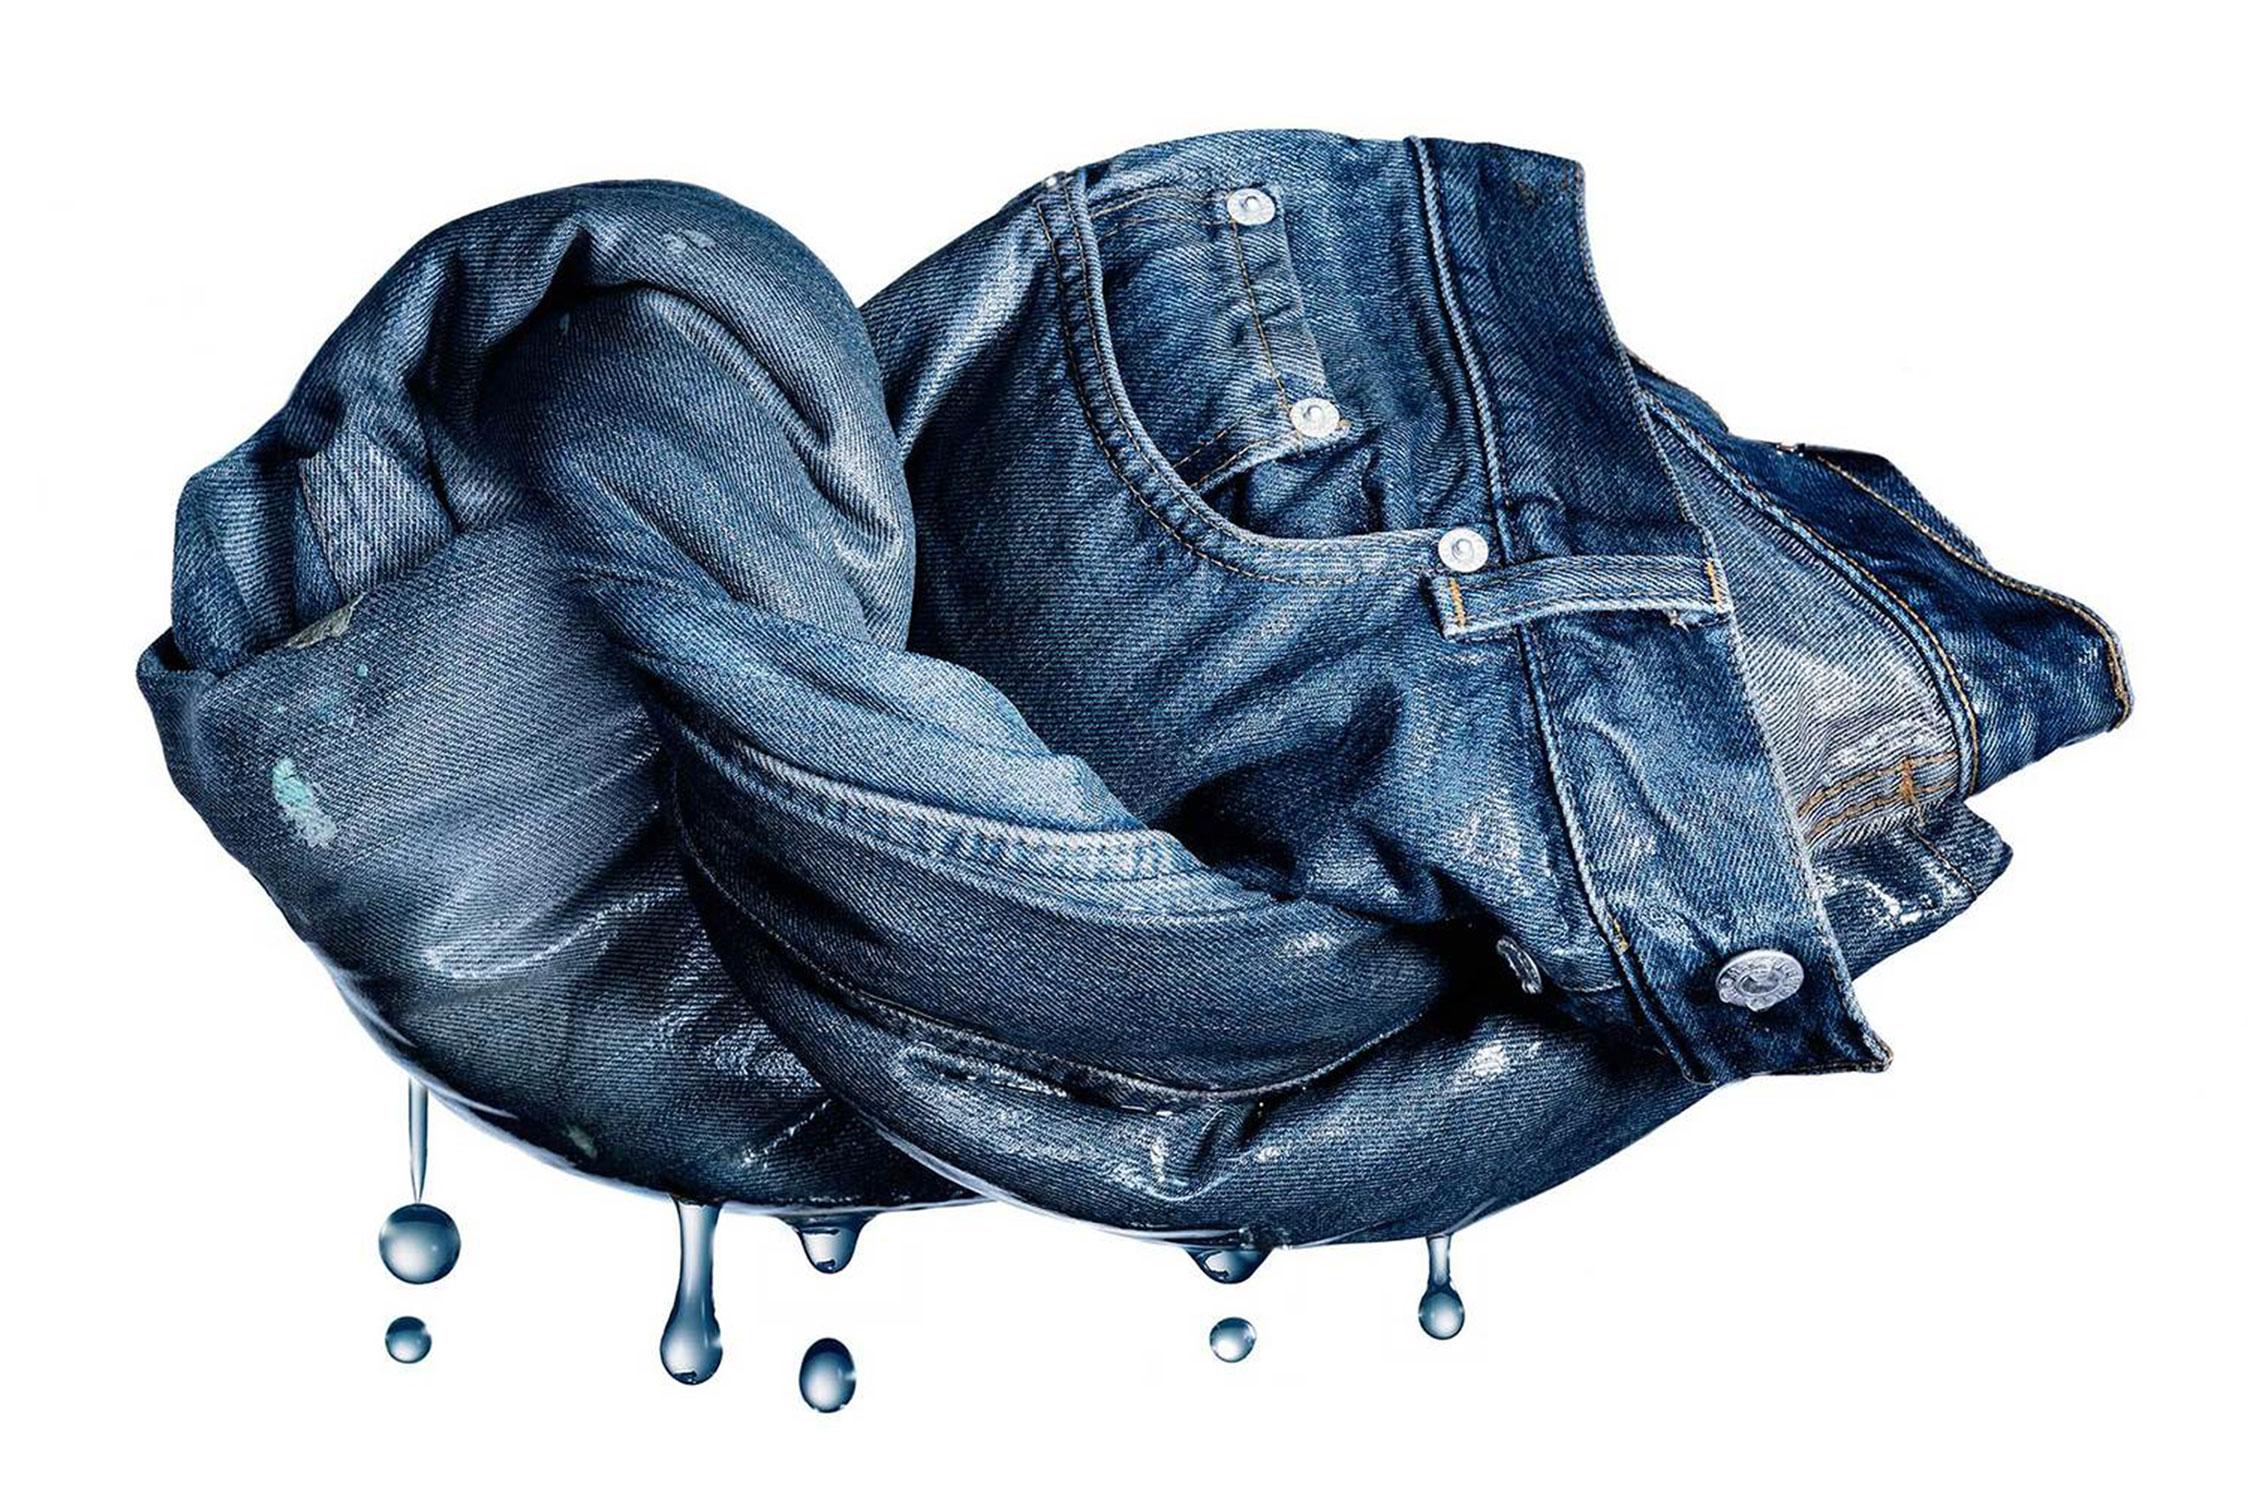 75d_100825_Jeans_2-39252.jpg